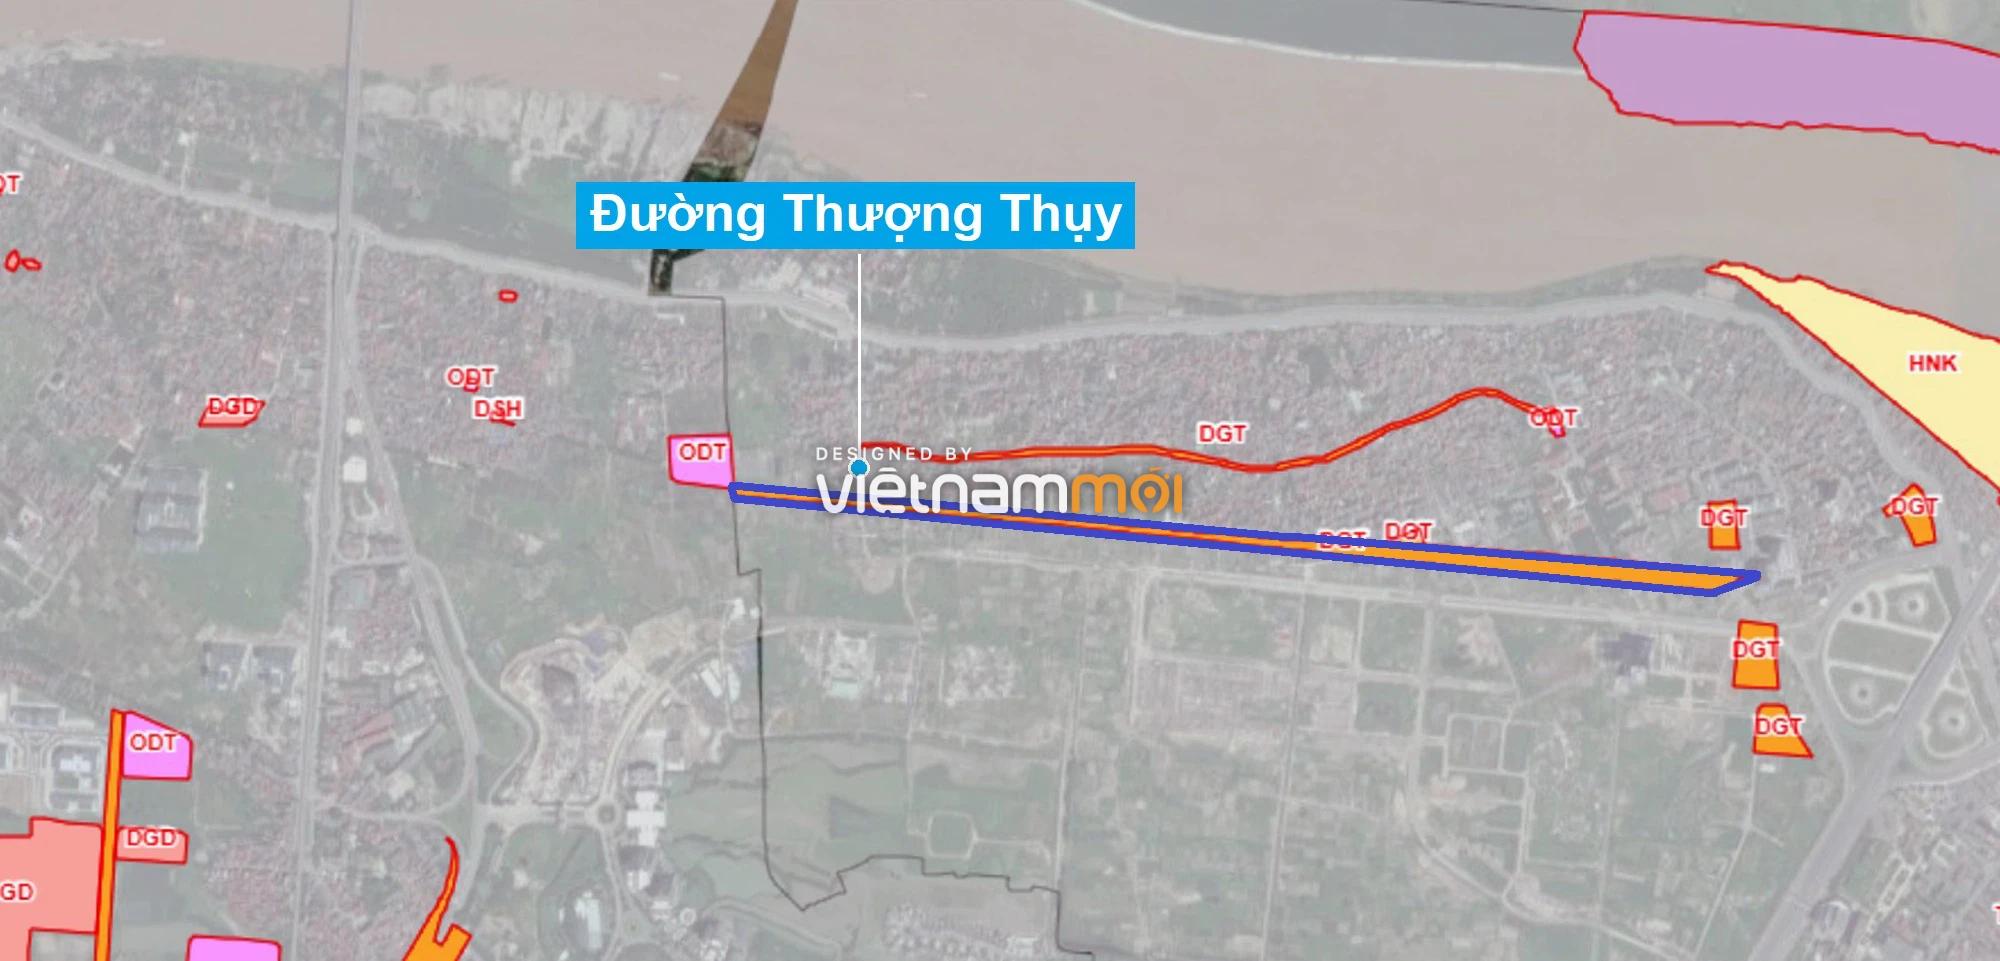 Những khu đất sắp thu hồi để mở đường ở quận Tây Hồ, Hà Nội (phần 3) - Ảnh 6.